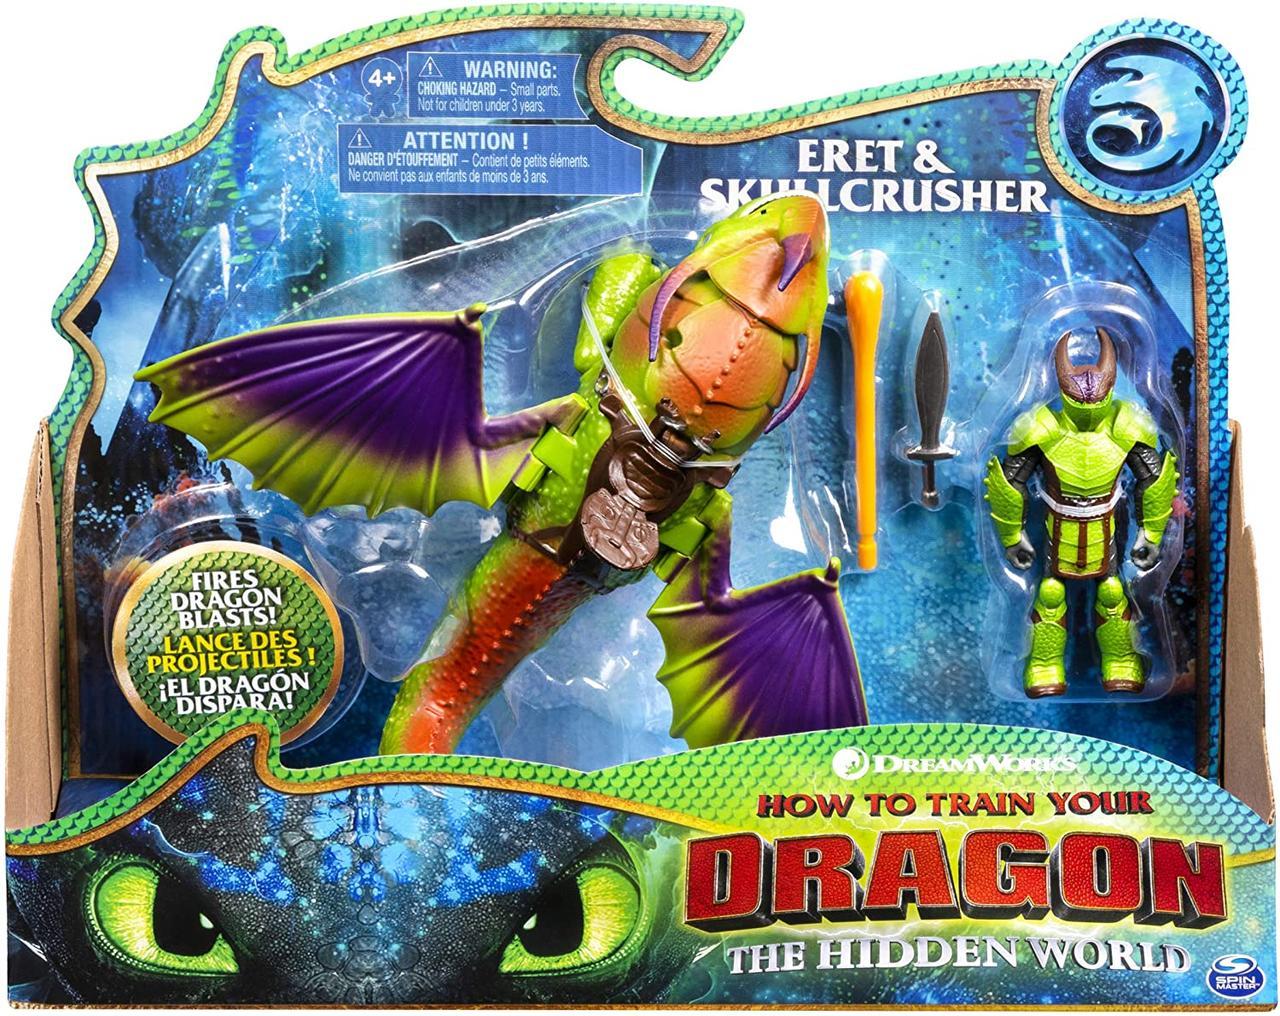 Подвижная игрушка Крушиголов и Эрет (Eret & Skullcrusher) из мультфильма Как приручить дракона Spin Master